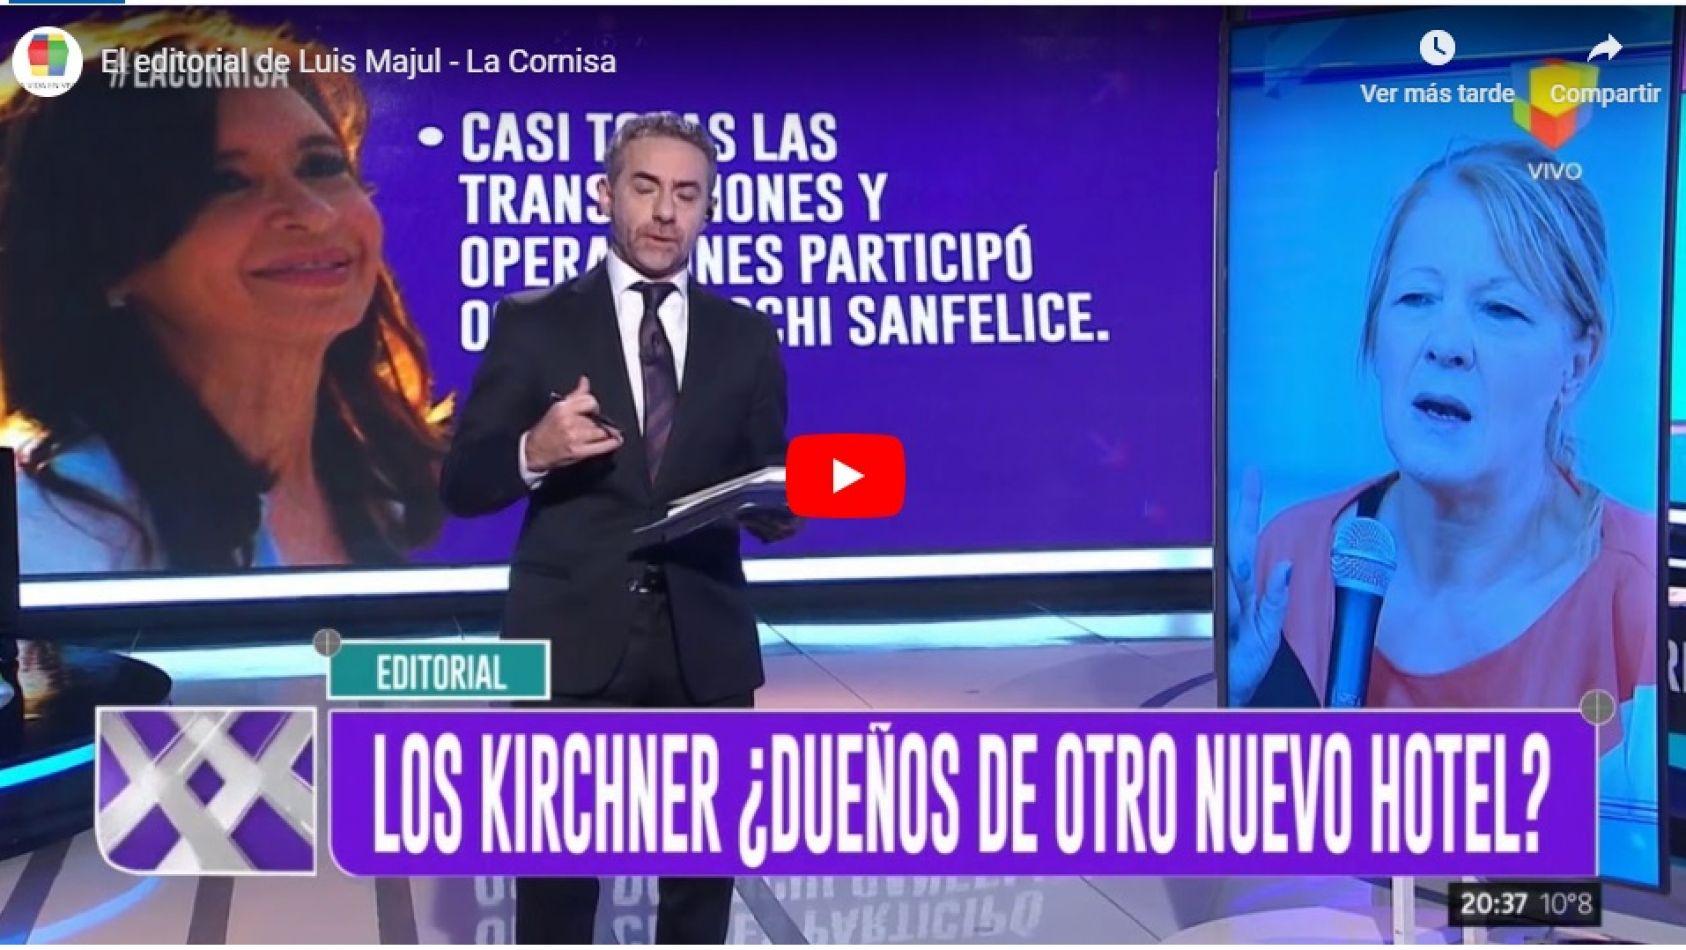 Otra denuncia de corrupción contra Cristina Fernández